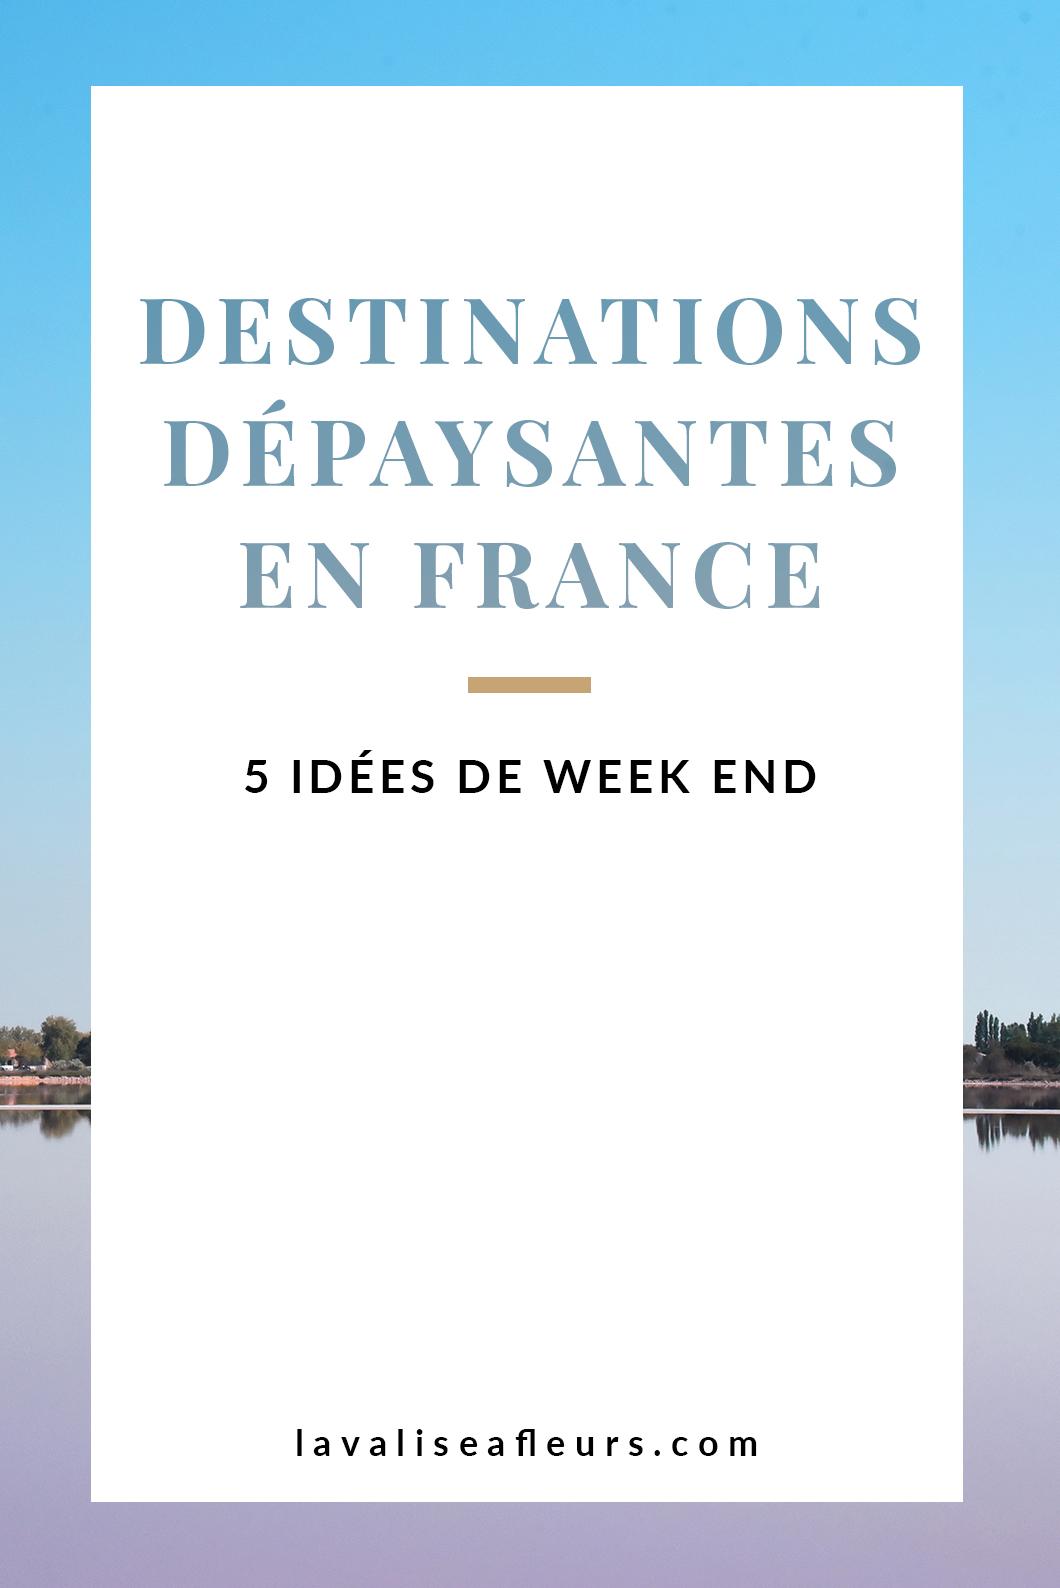 Destinations dépaysantes en France